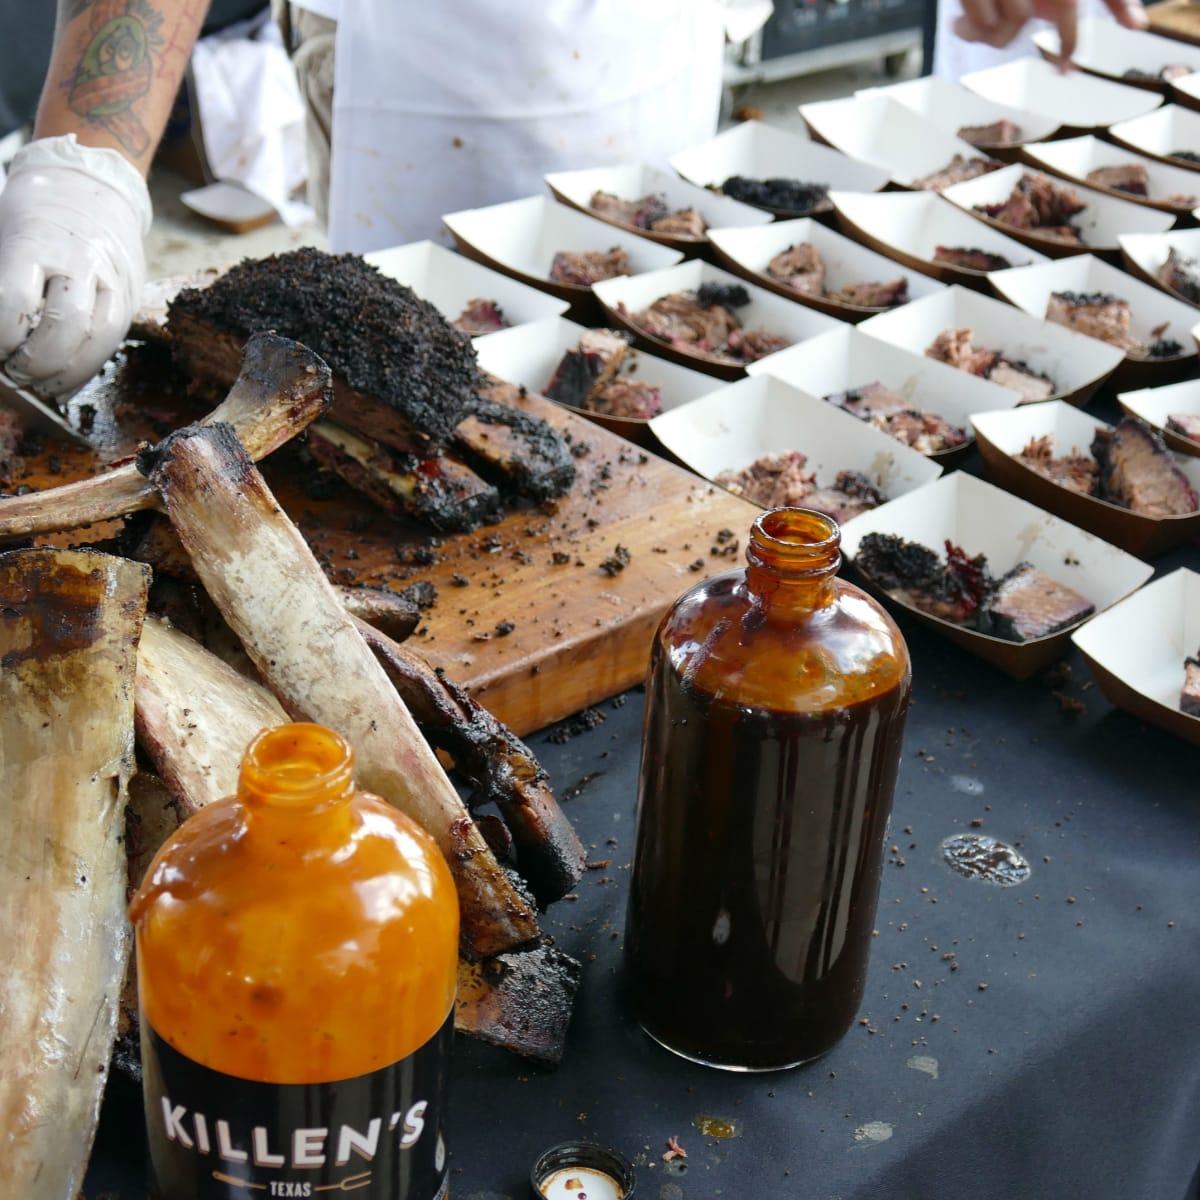 TMBBQ Killen's BBQ